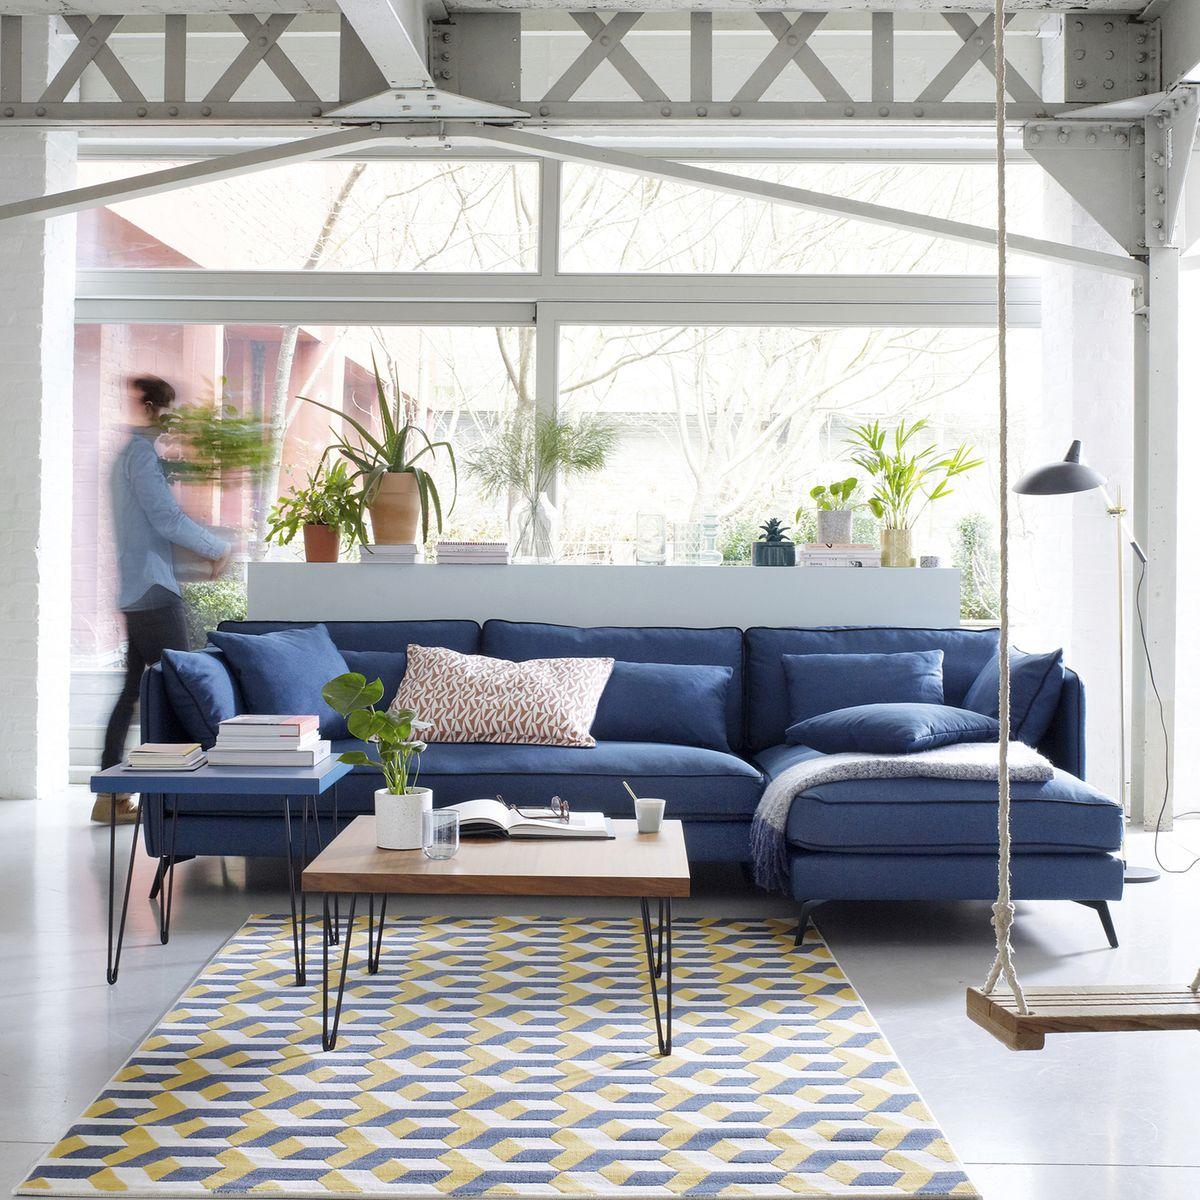 objet du desir je veux un canape bleu